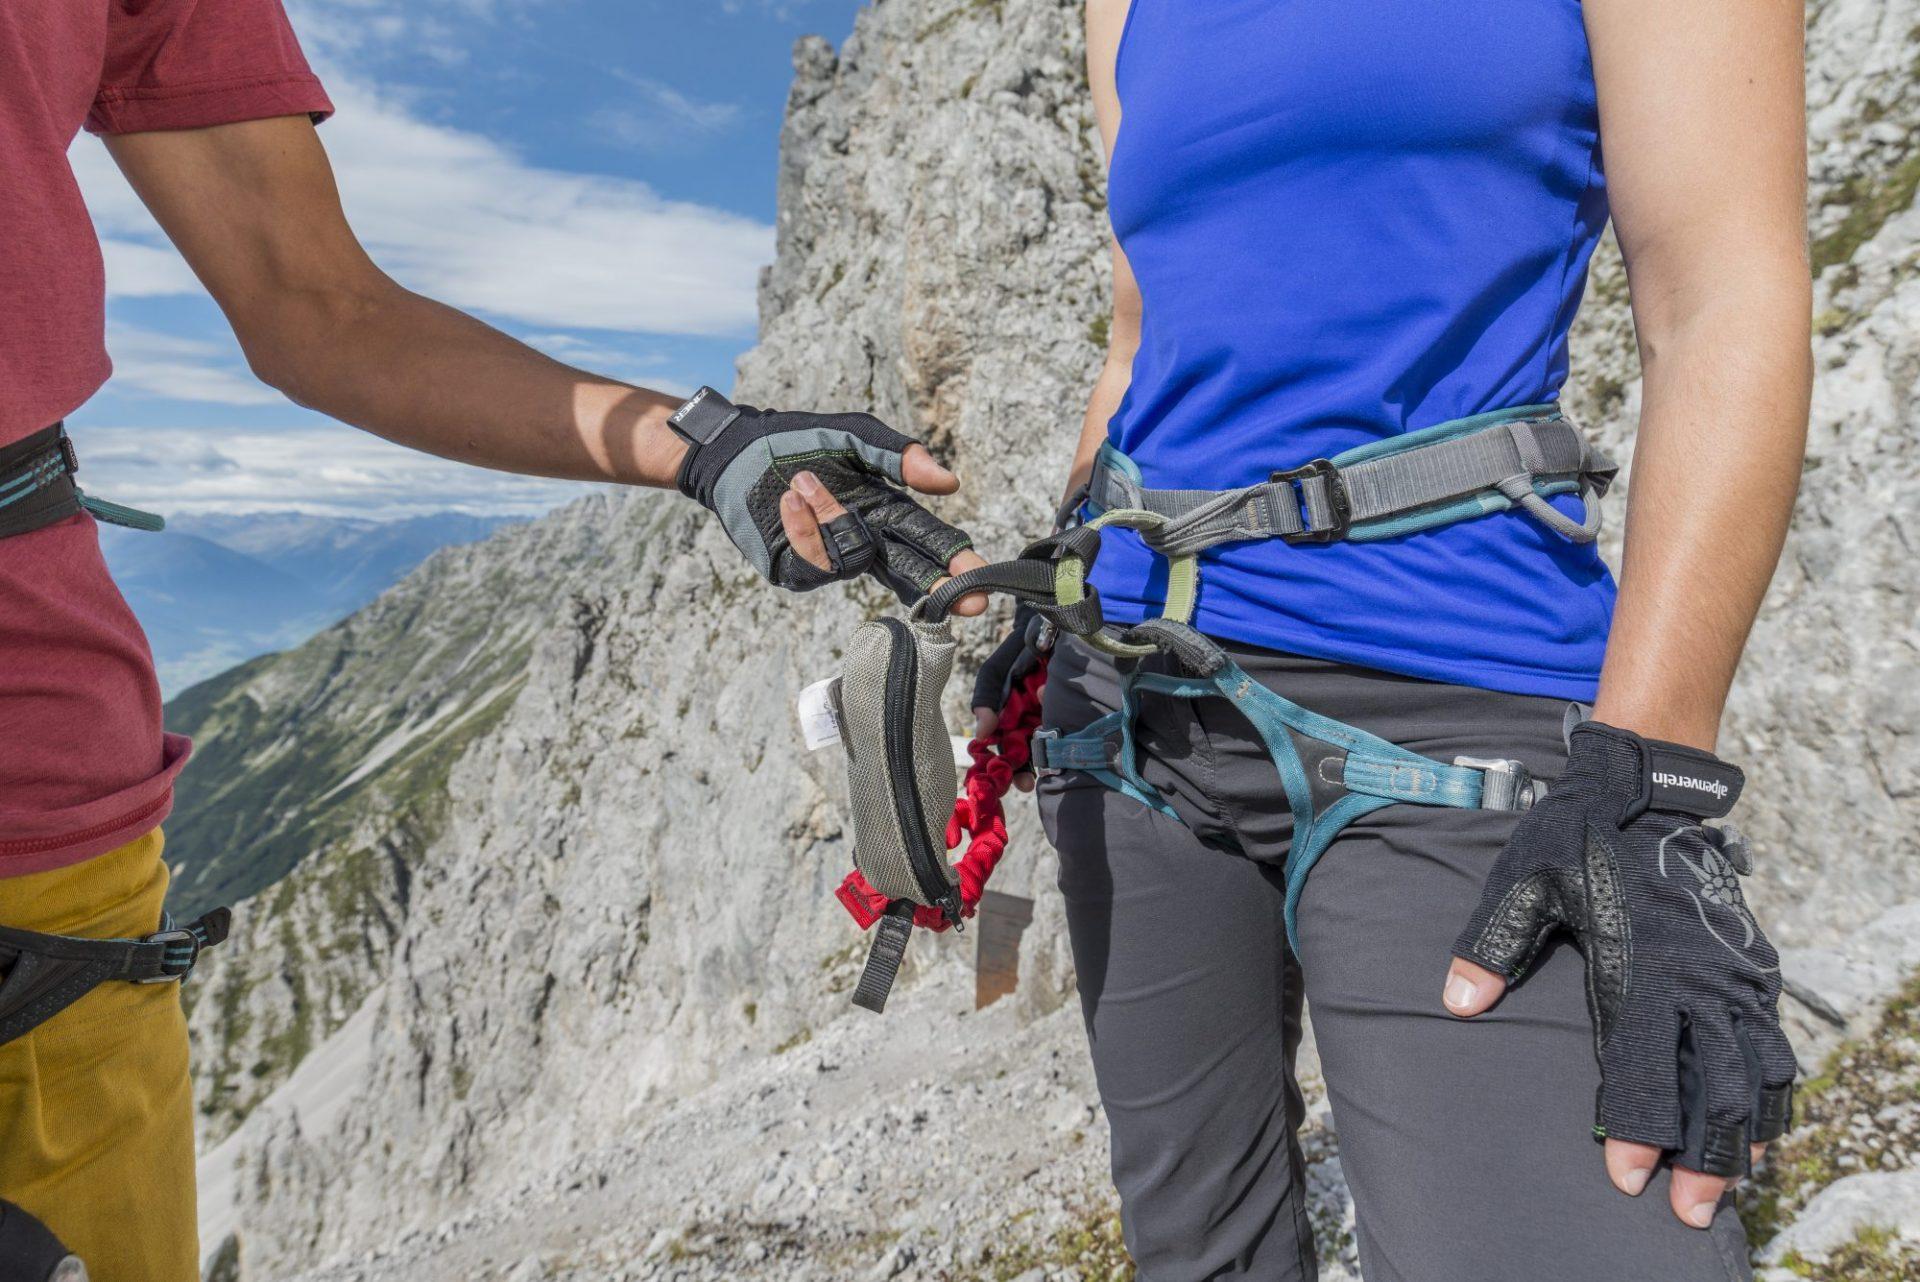 Bergsteigertipp: Ausrüstung als Risikofaktor